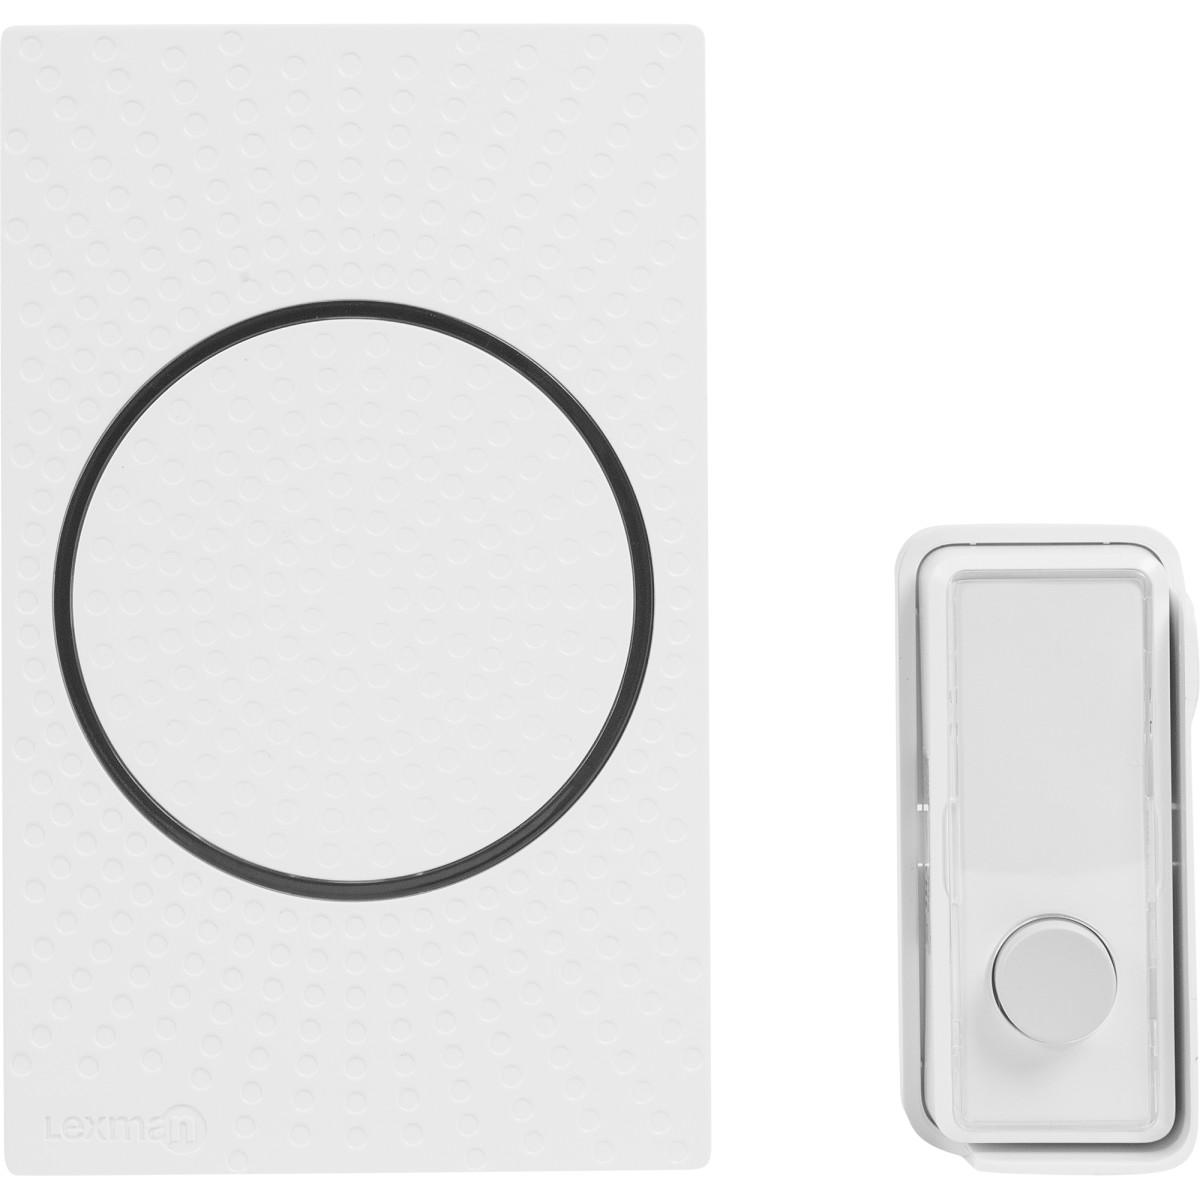 Звонок проводной Lexman D08 c подсветкой IP55 белый